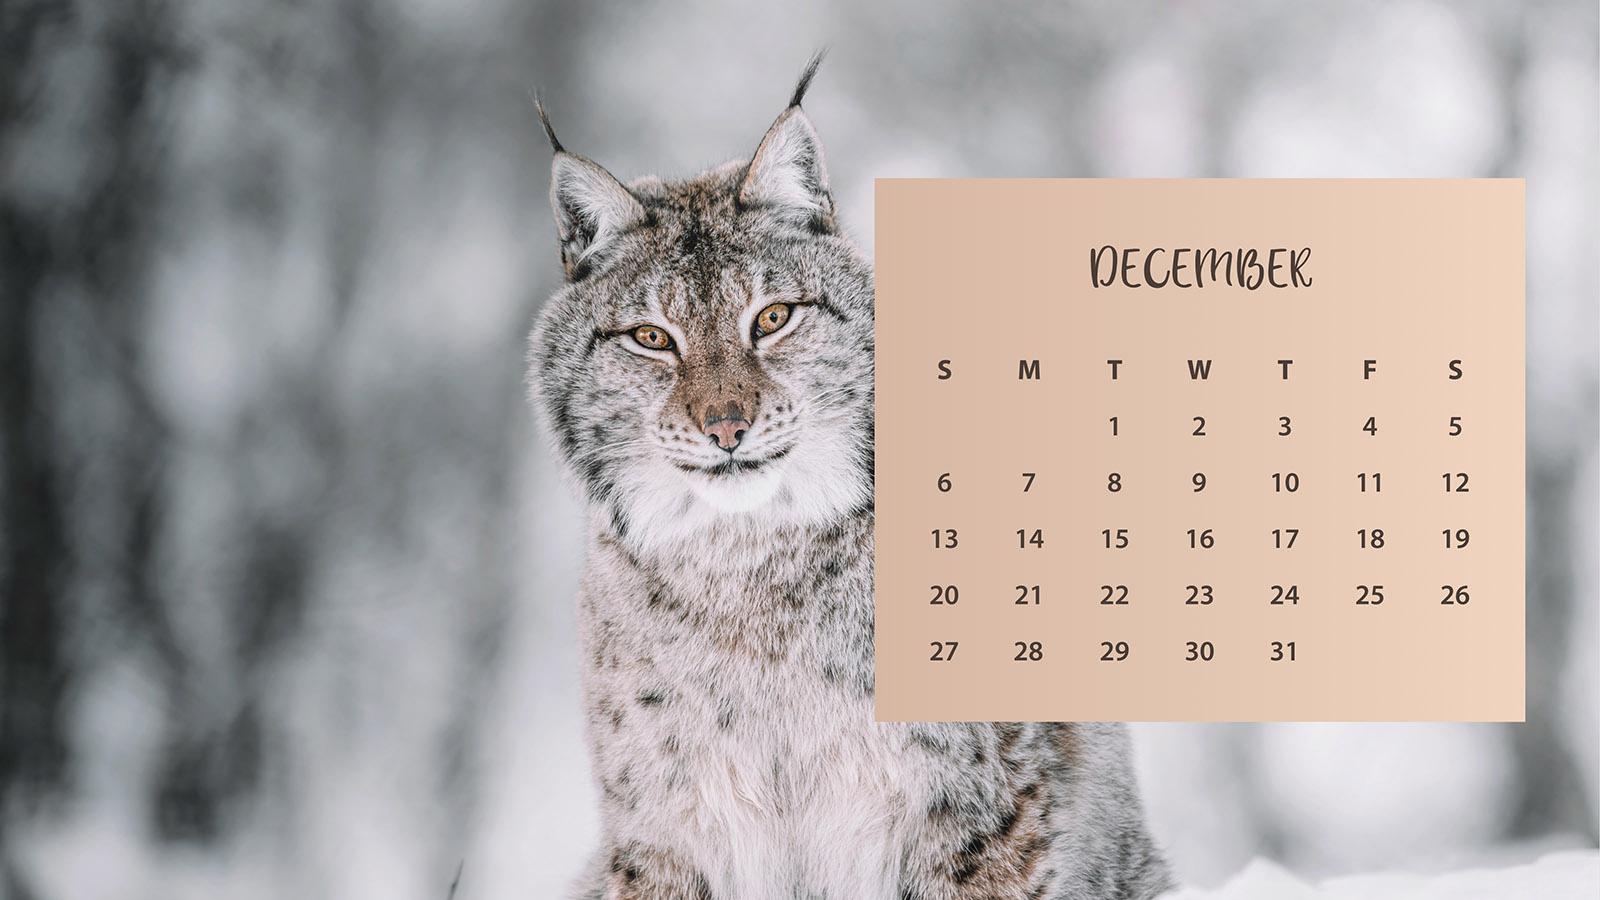 Winter Cat December 2020 Calendar